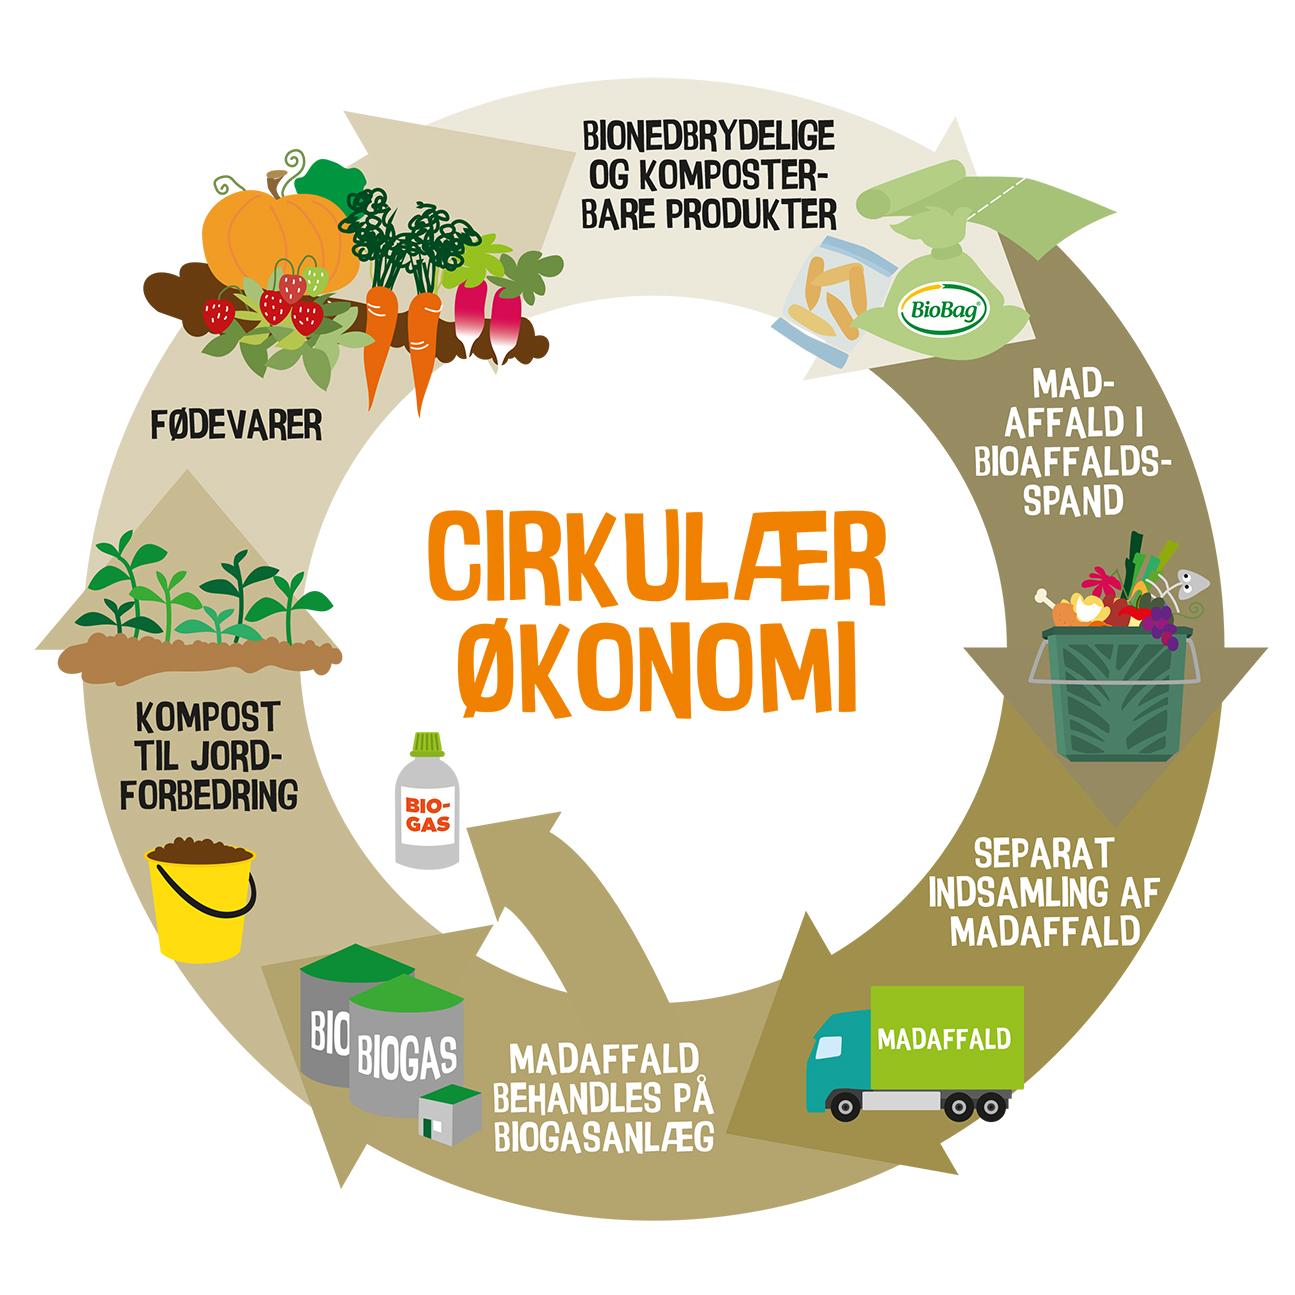 EU-rapport konkluderer at bioplast spiller en vigtig rolle i cirkulær økonomi